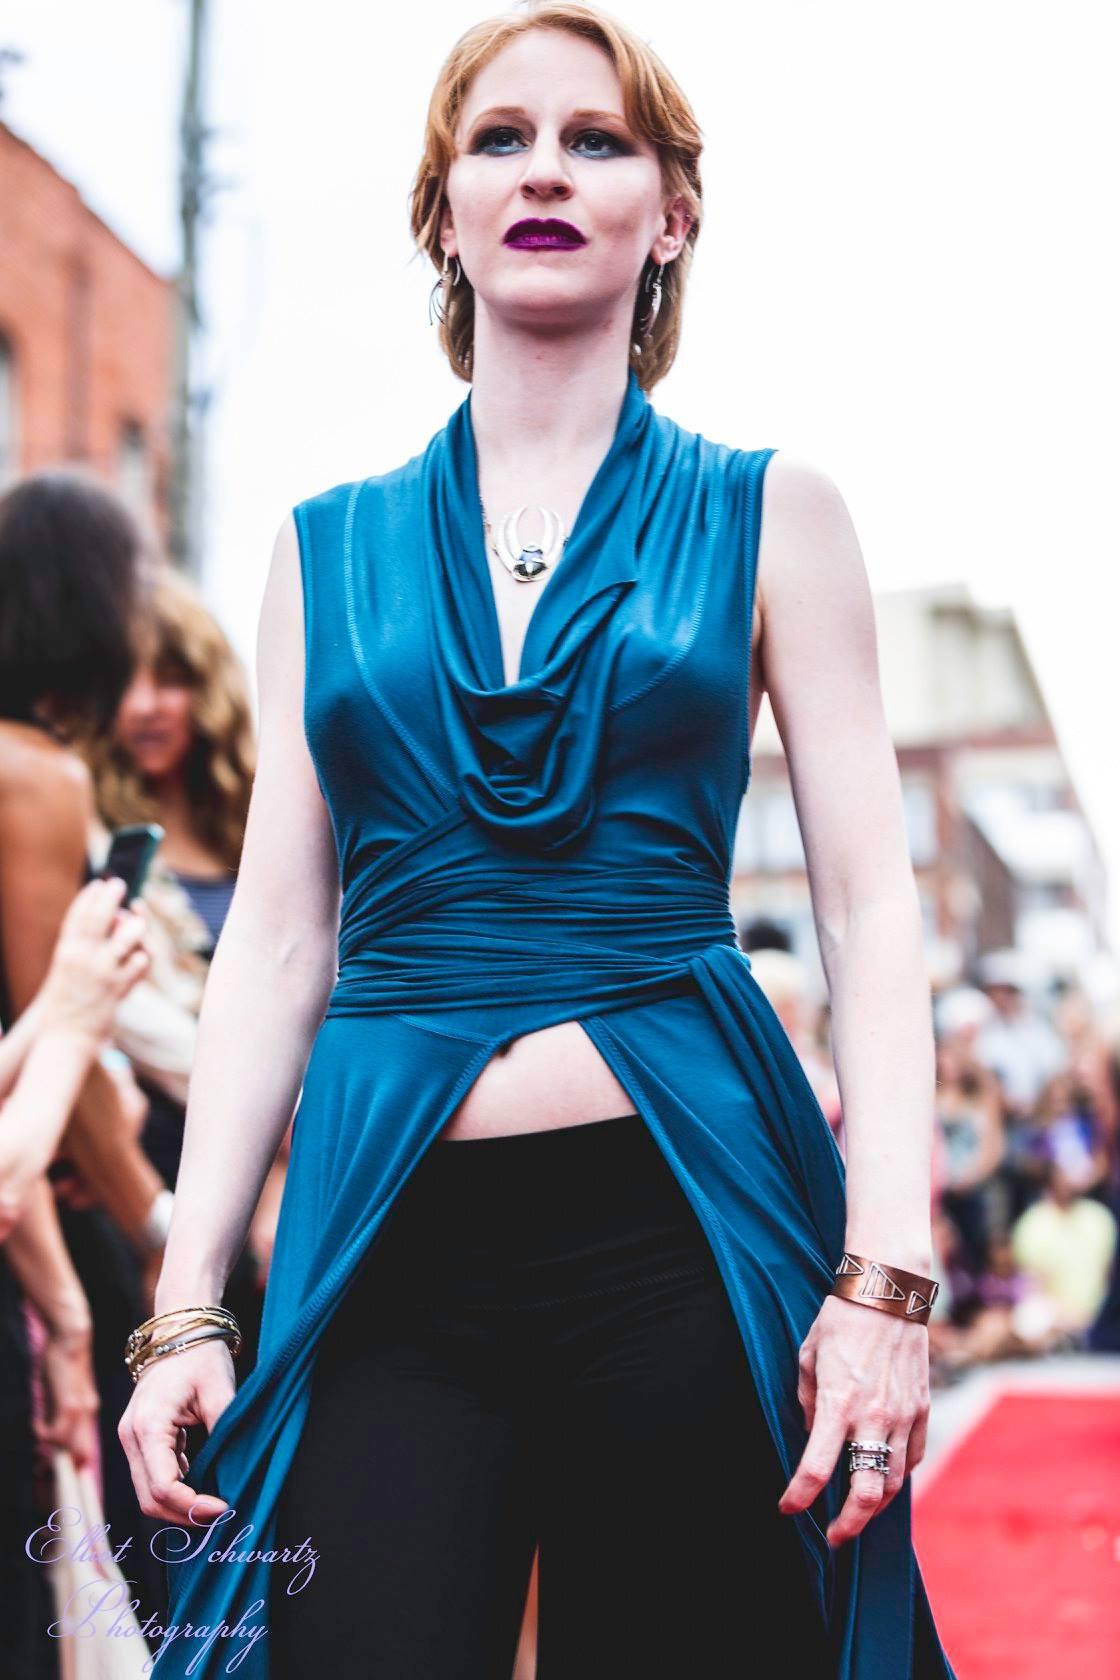 redhead modern woman fashion model on runway